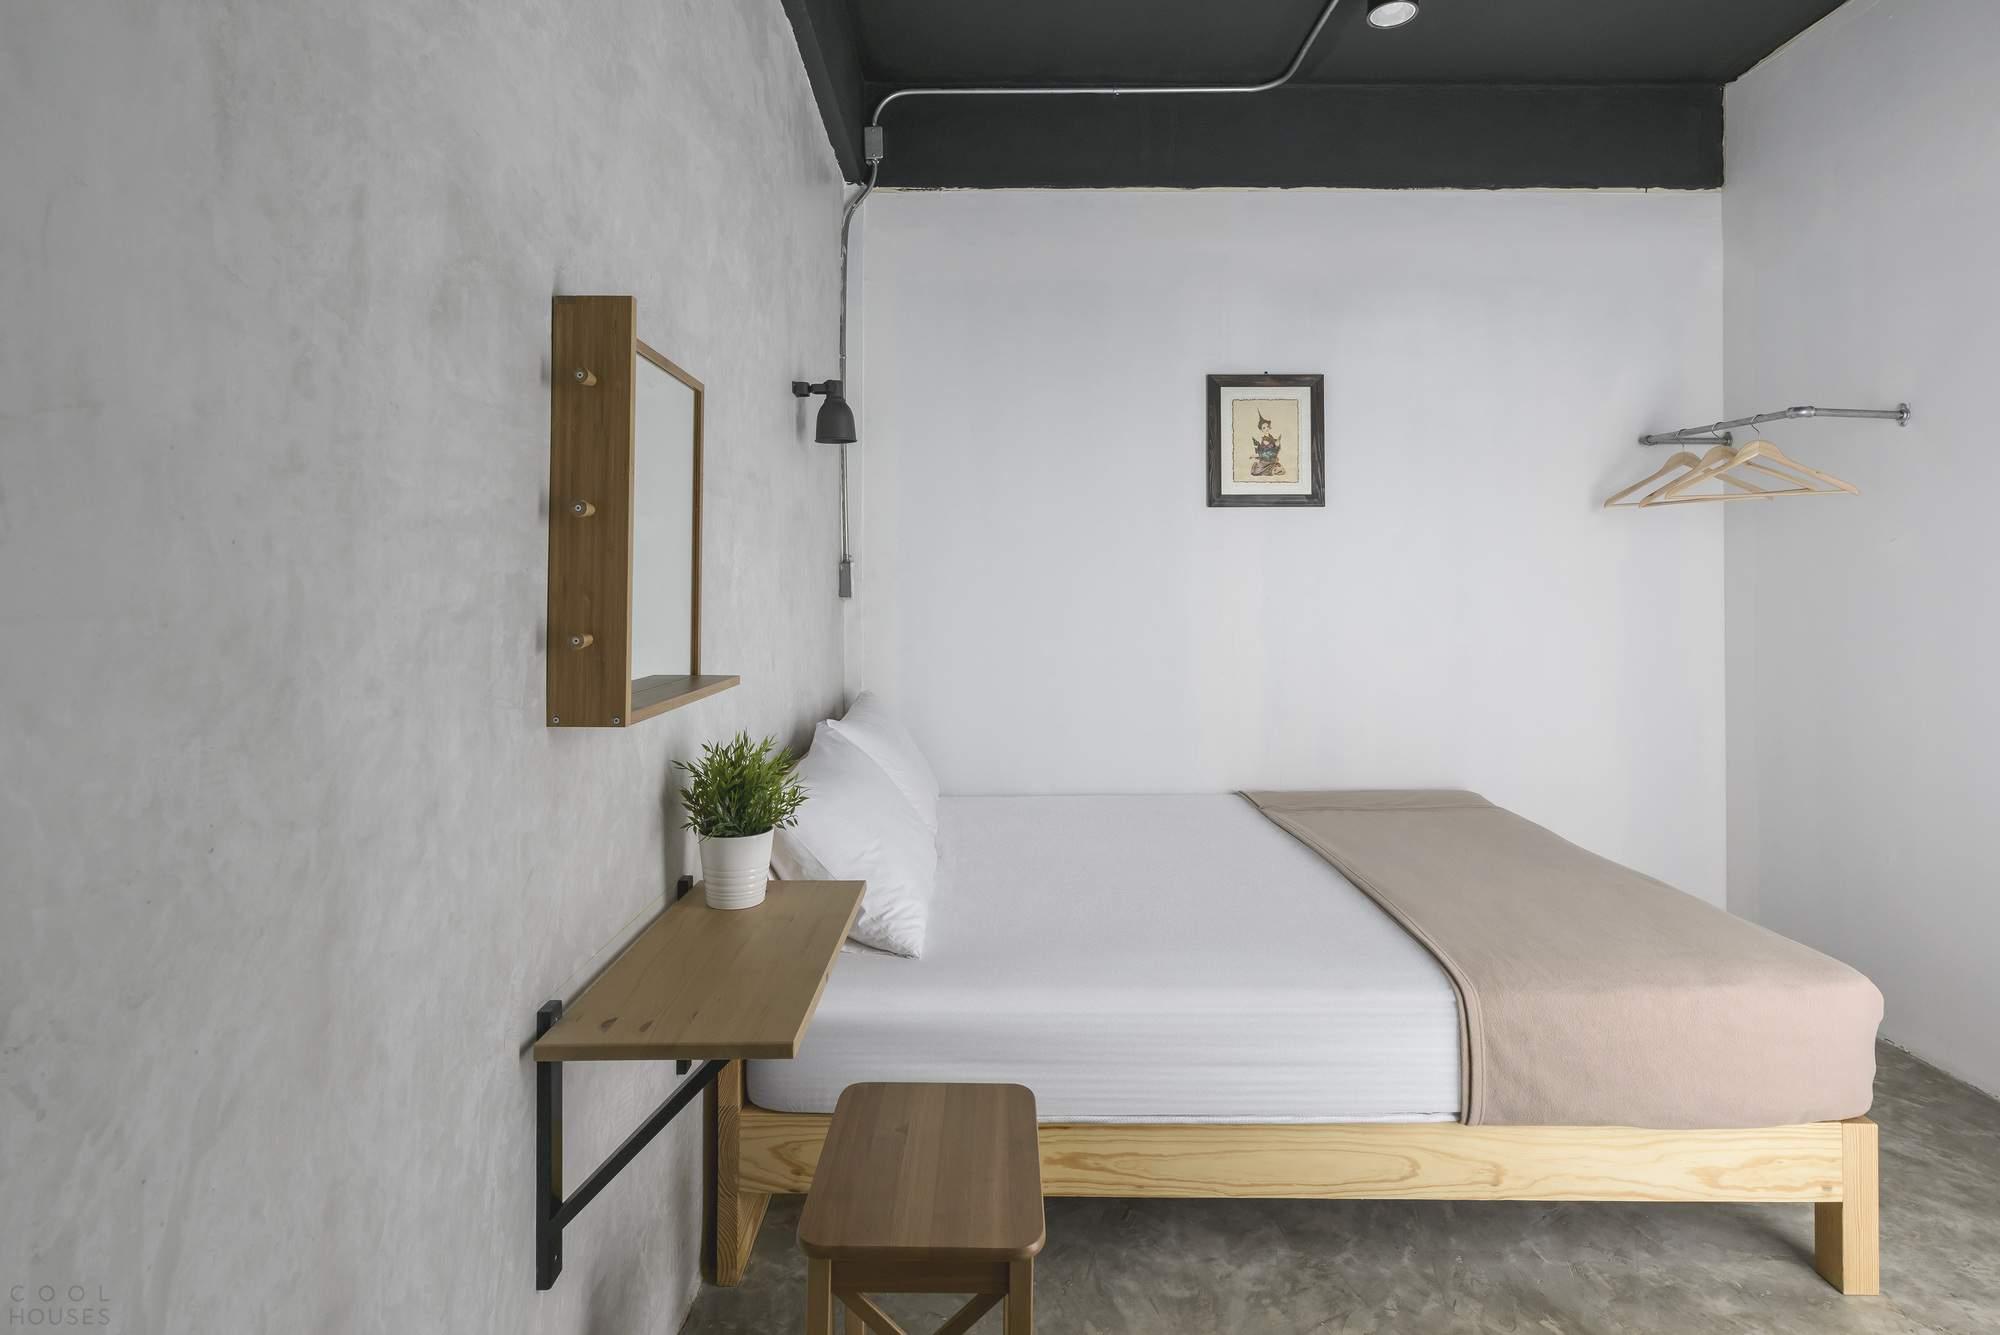 Современный хостел для путешественников в Бангкоке, Таиланд